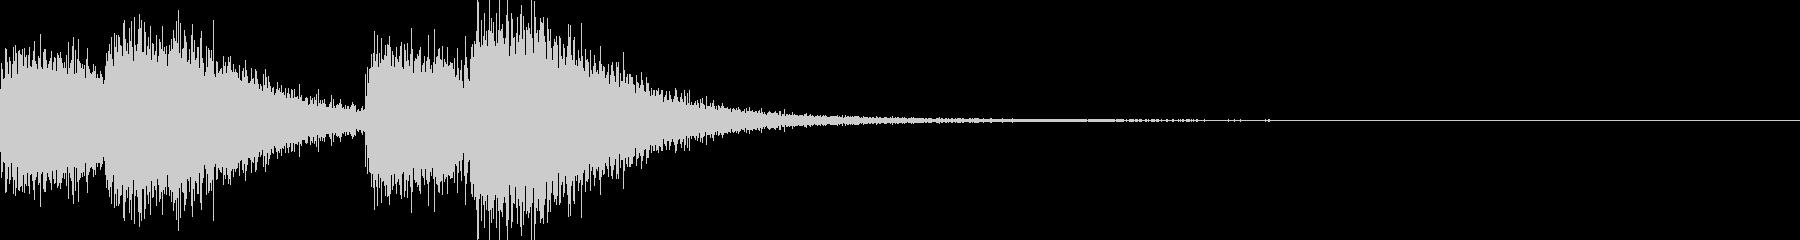 ガシャガシャ(暴れる・ノイズ有り)2の未再生の波形